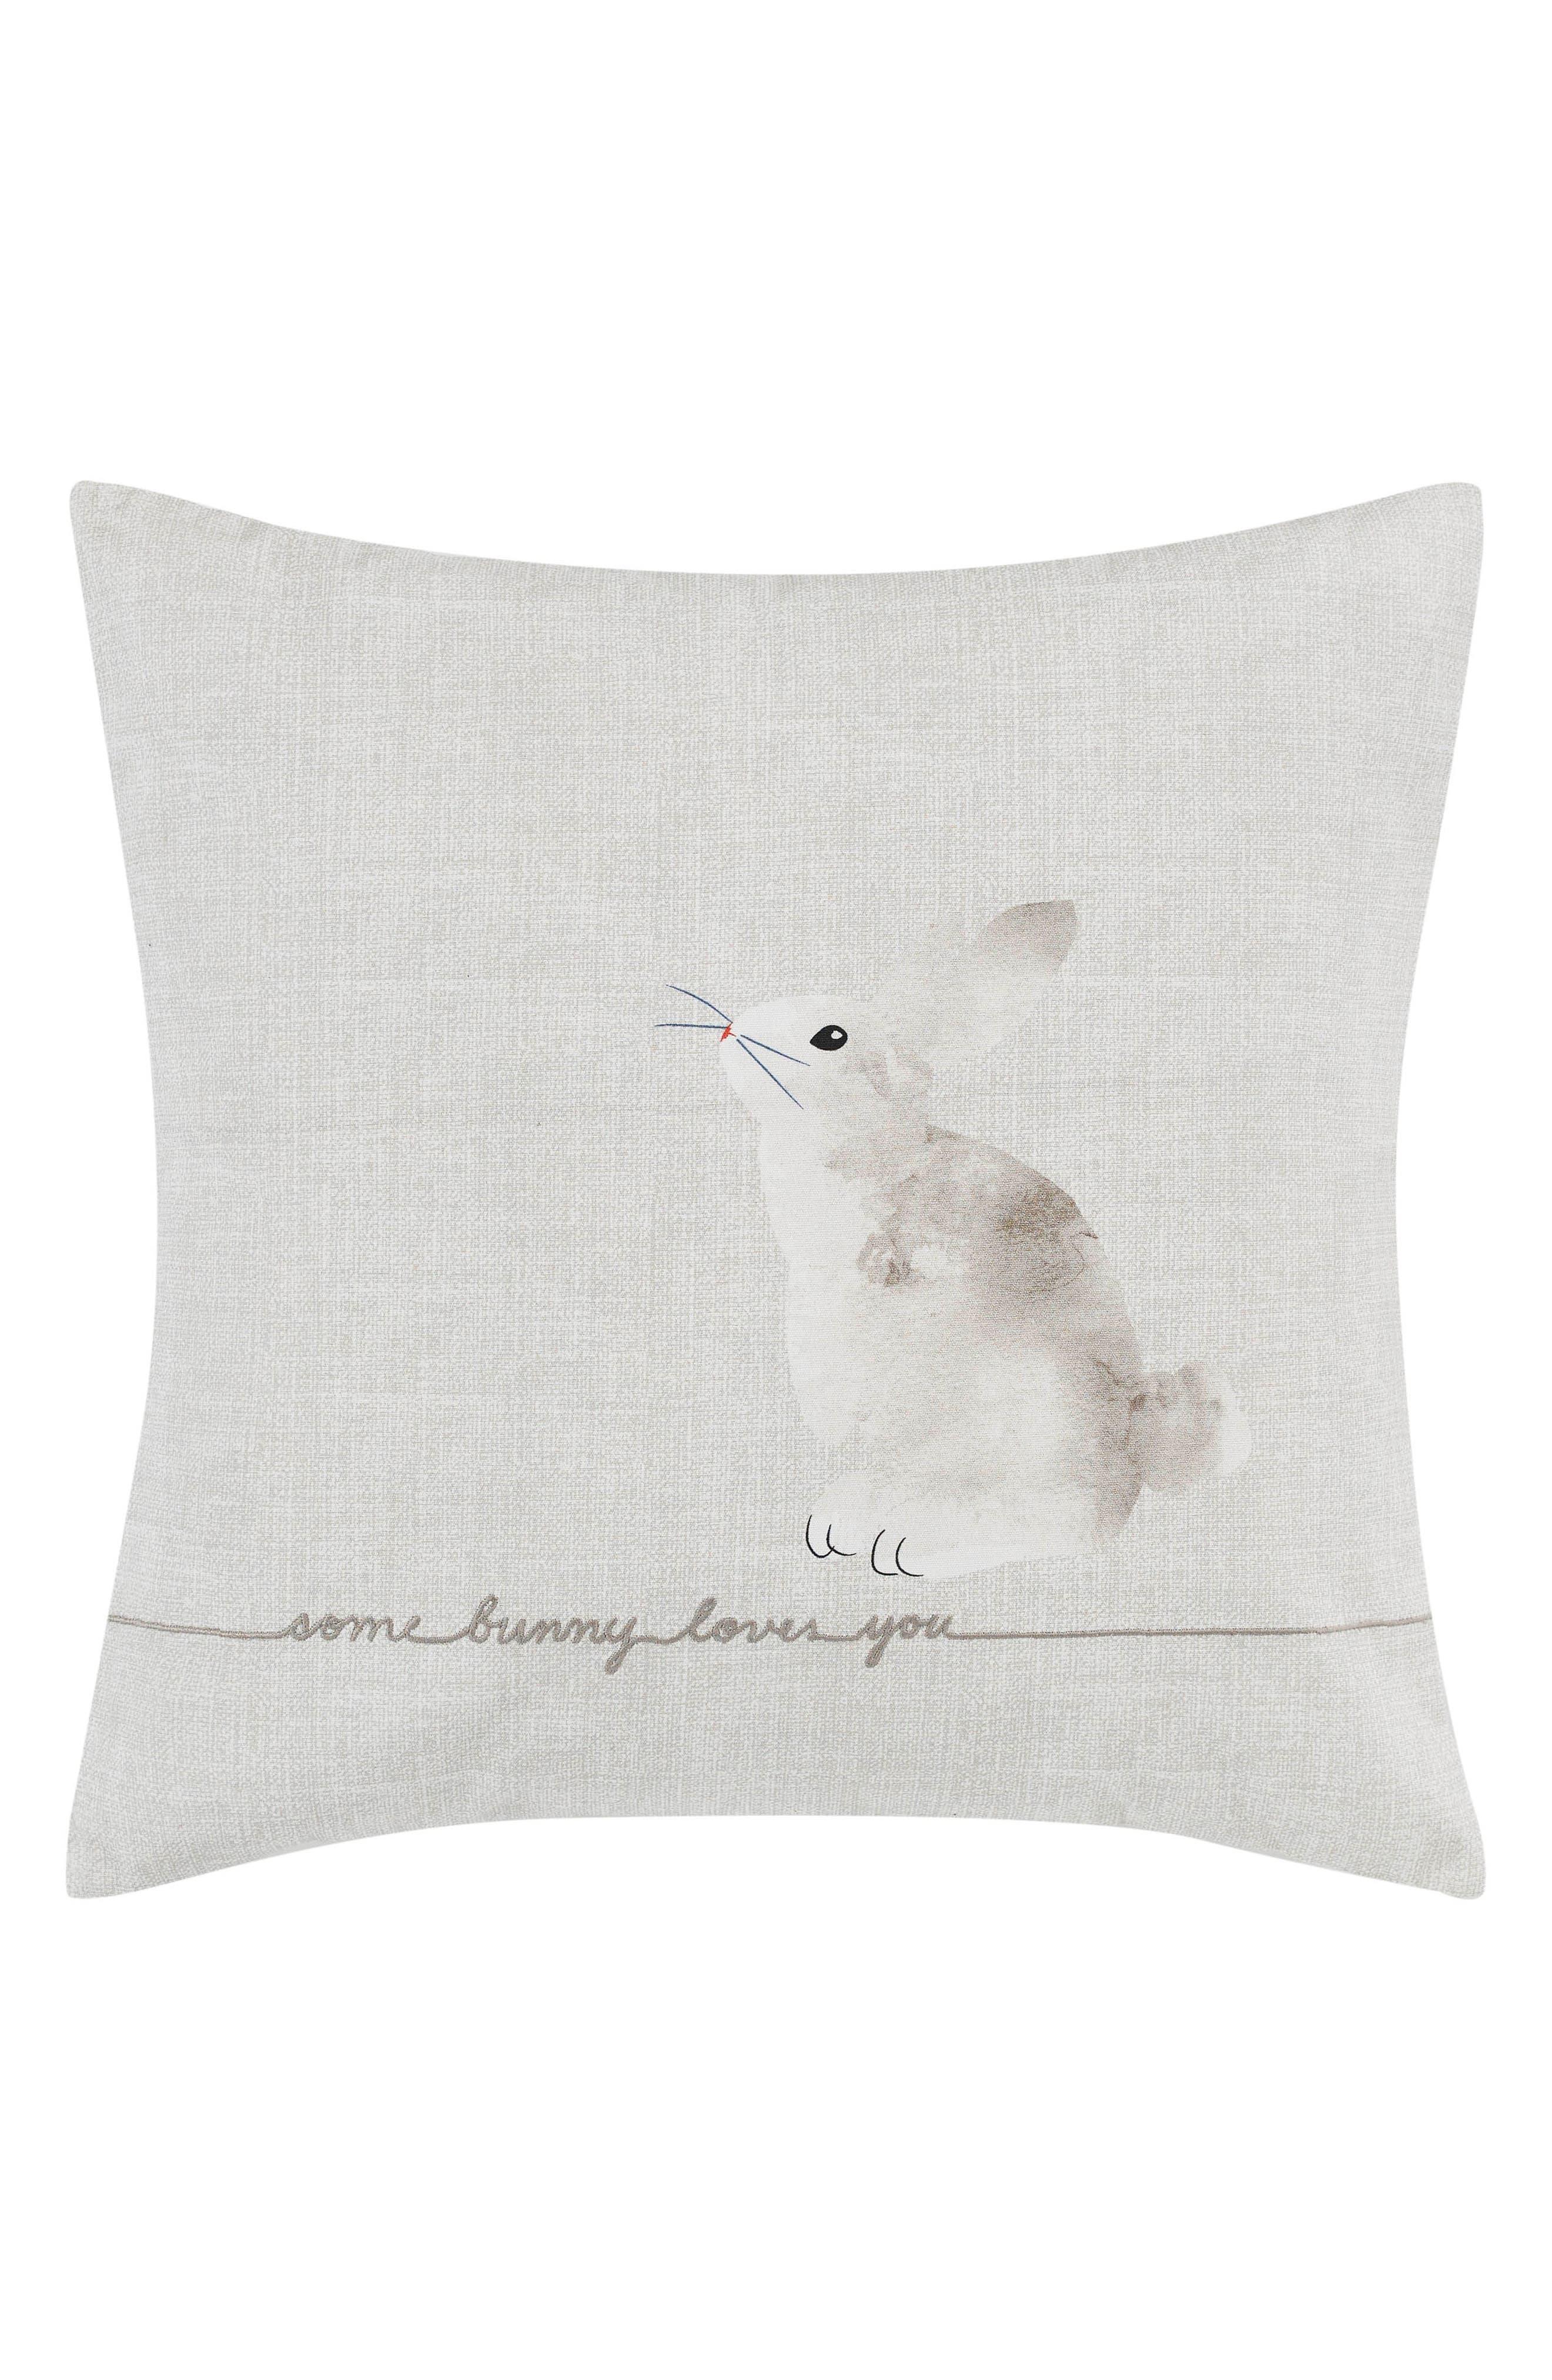 ED ELLEN DEGENERES, Claremont Some Bunny Loves You Accent Pillow, Main thumbnail 1, color, 027